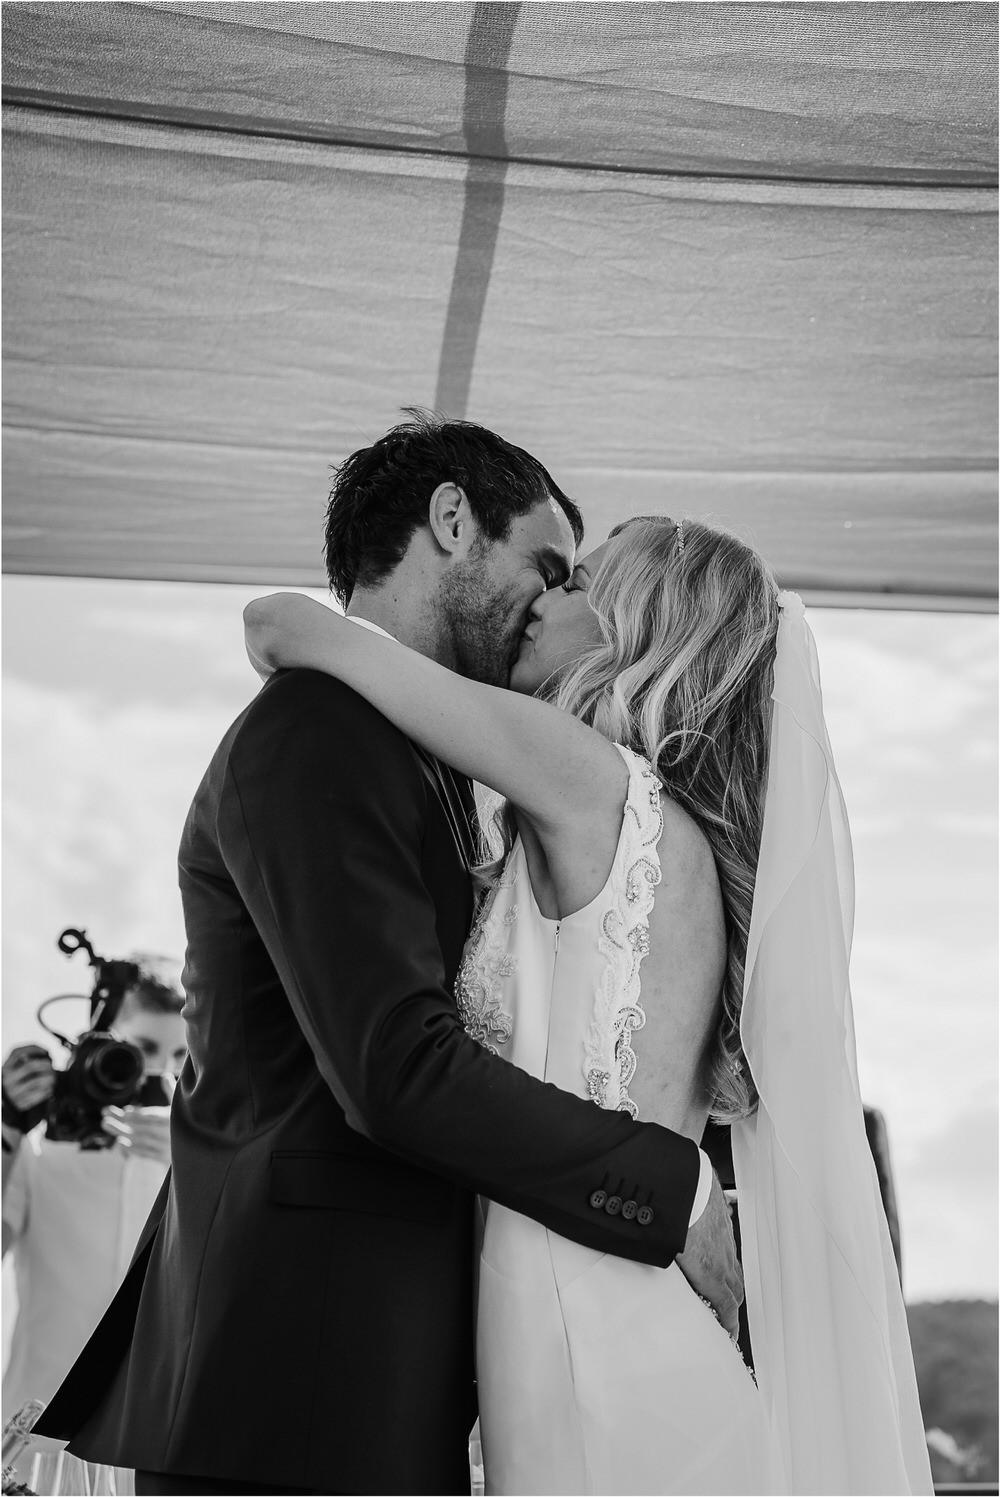 tri lucke slovenija krsko posavje poroka porocni fotograf fotografiranje elegantna poroka vinograd classy elegant wedding slovenia 0044.jpg